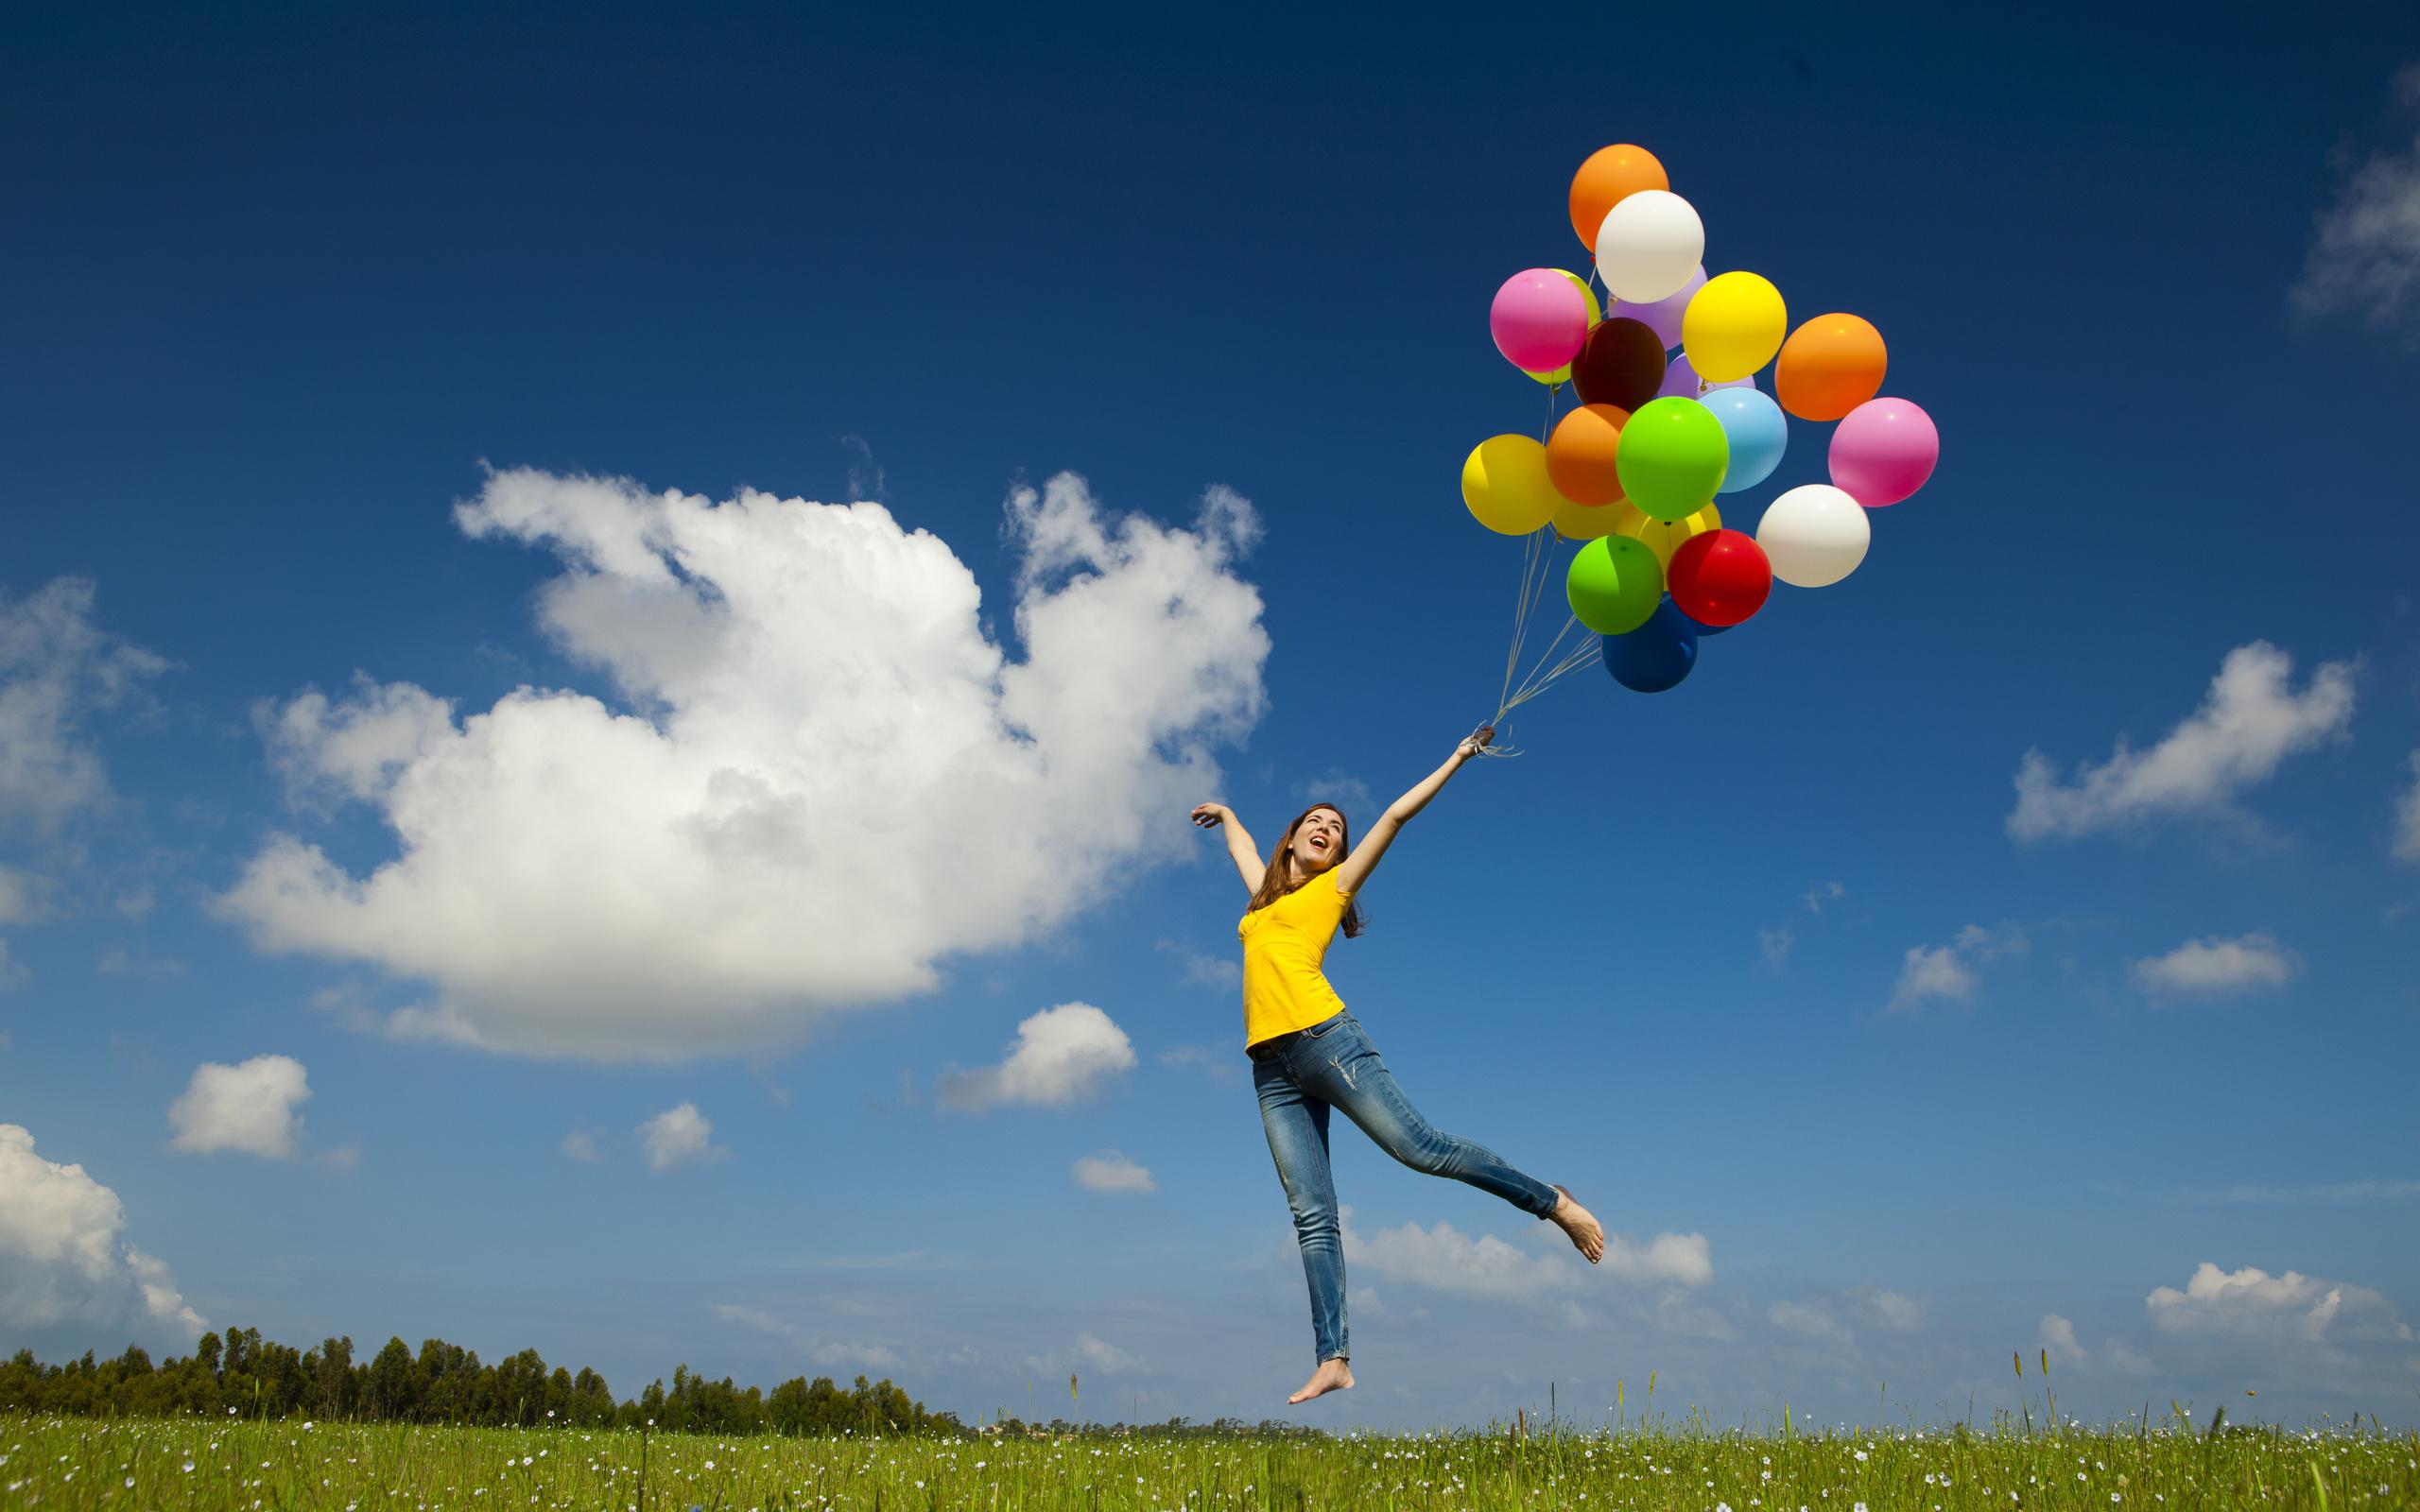 шарики, воздушные шары, девушка